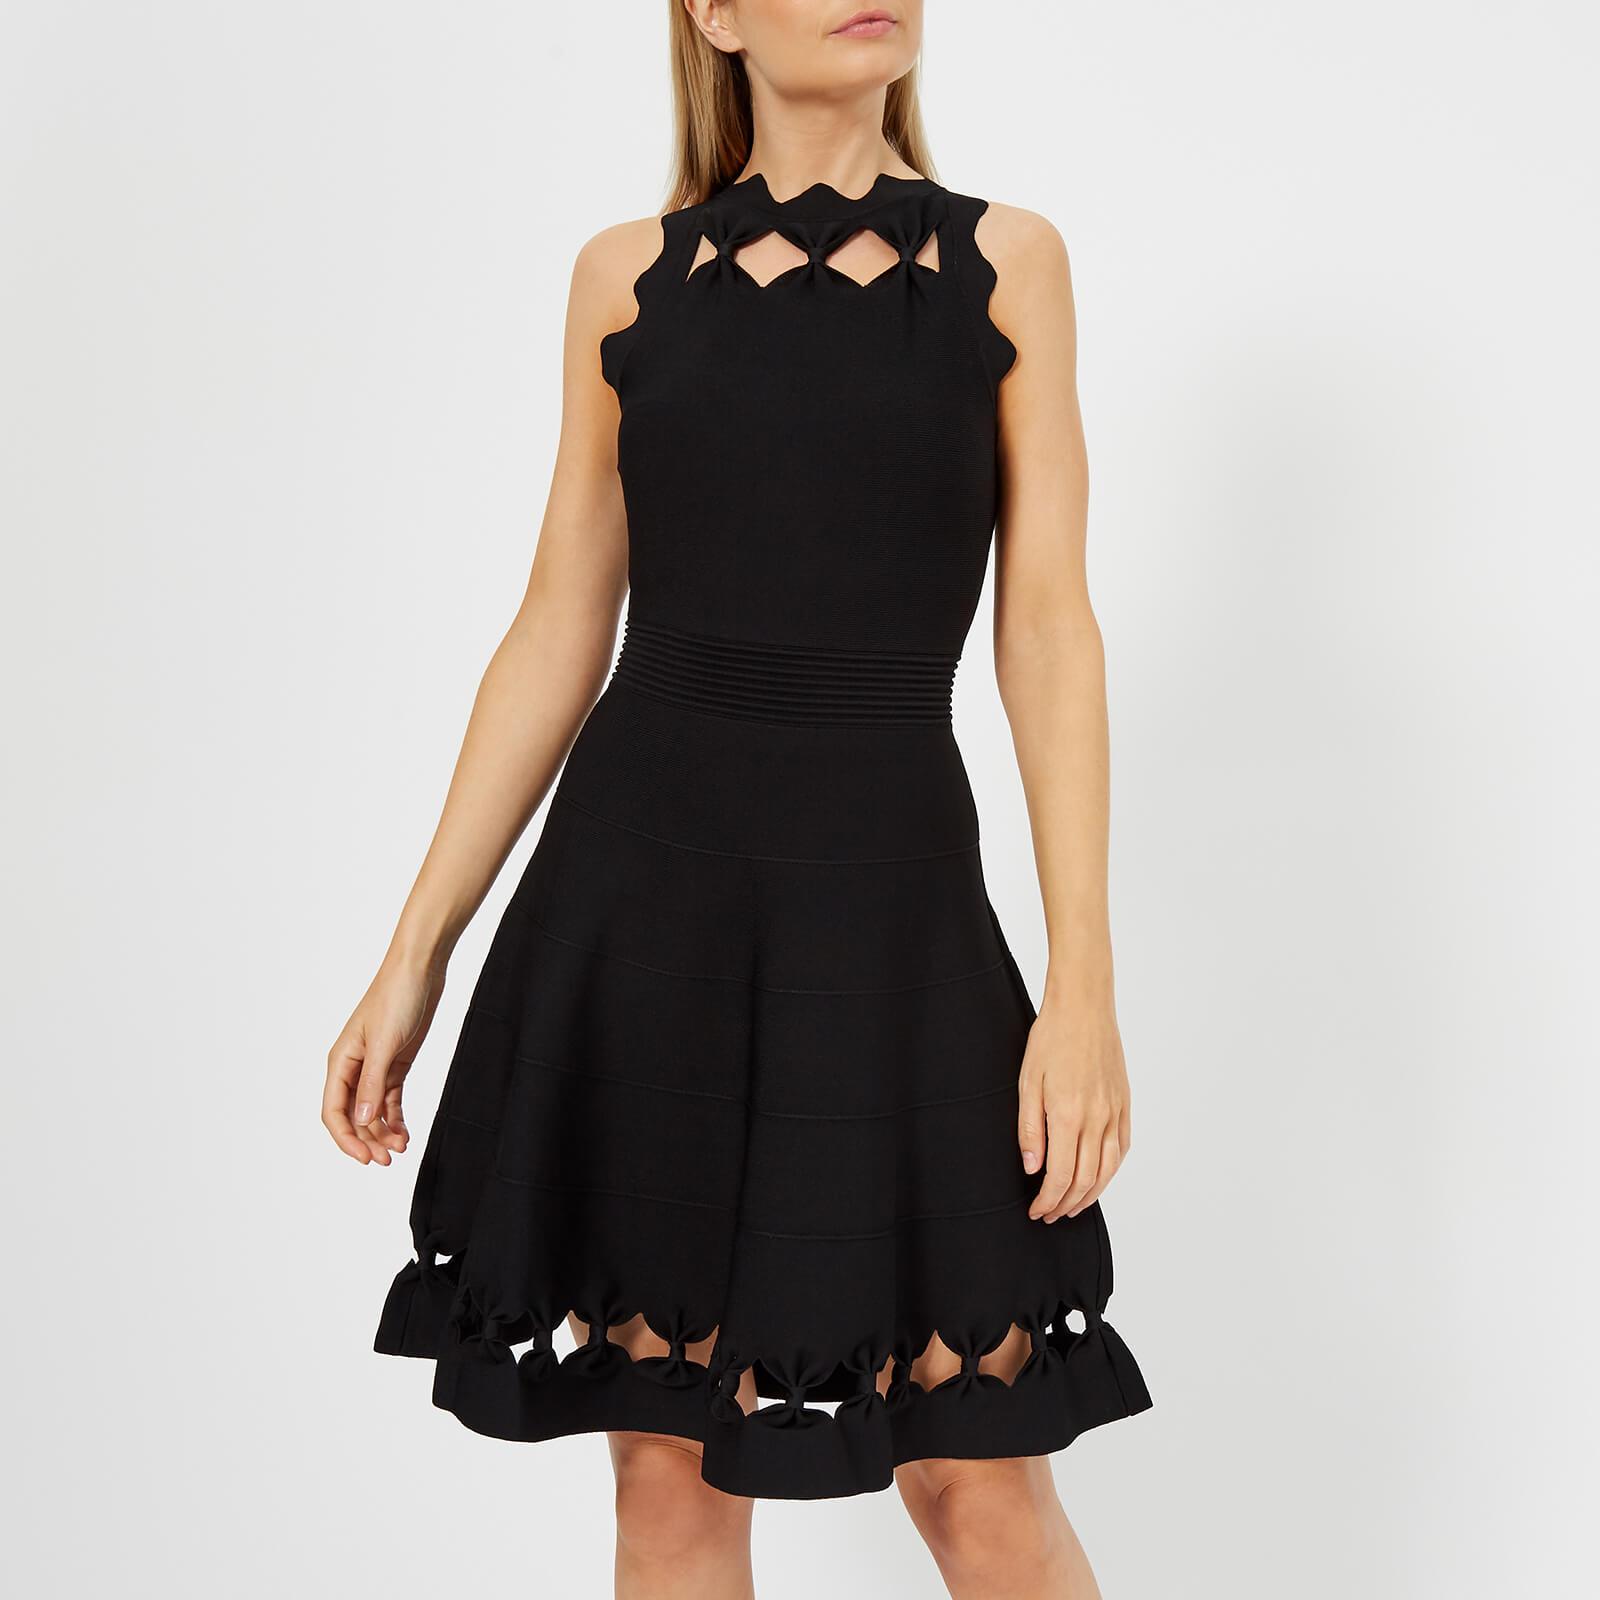 933b6e621 Ted Baker Women s Cherina Bow Detail Knitted Skater Dress - Black Womens  Clothing